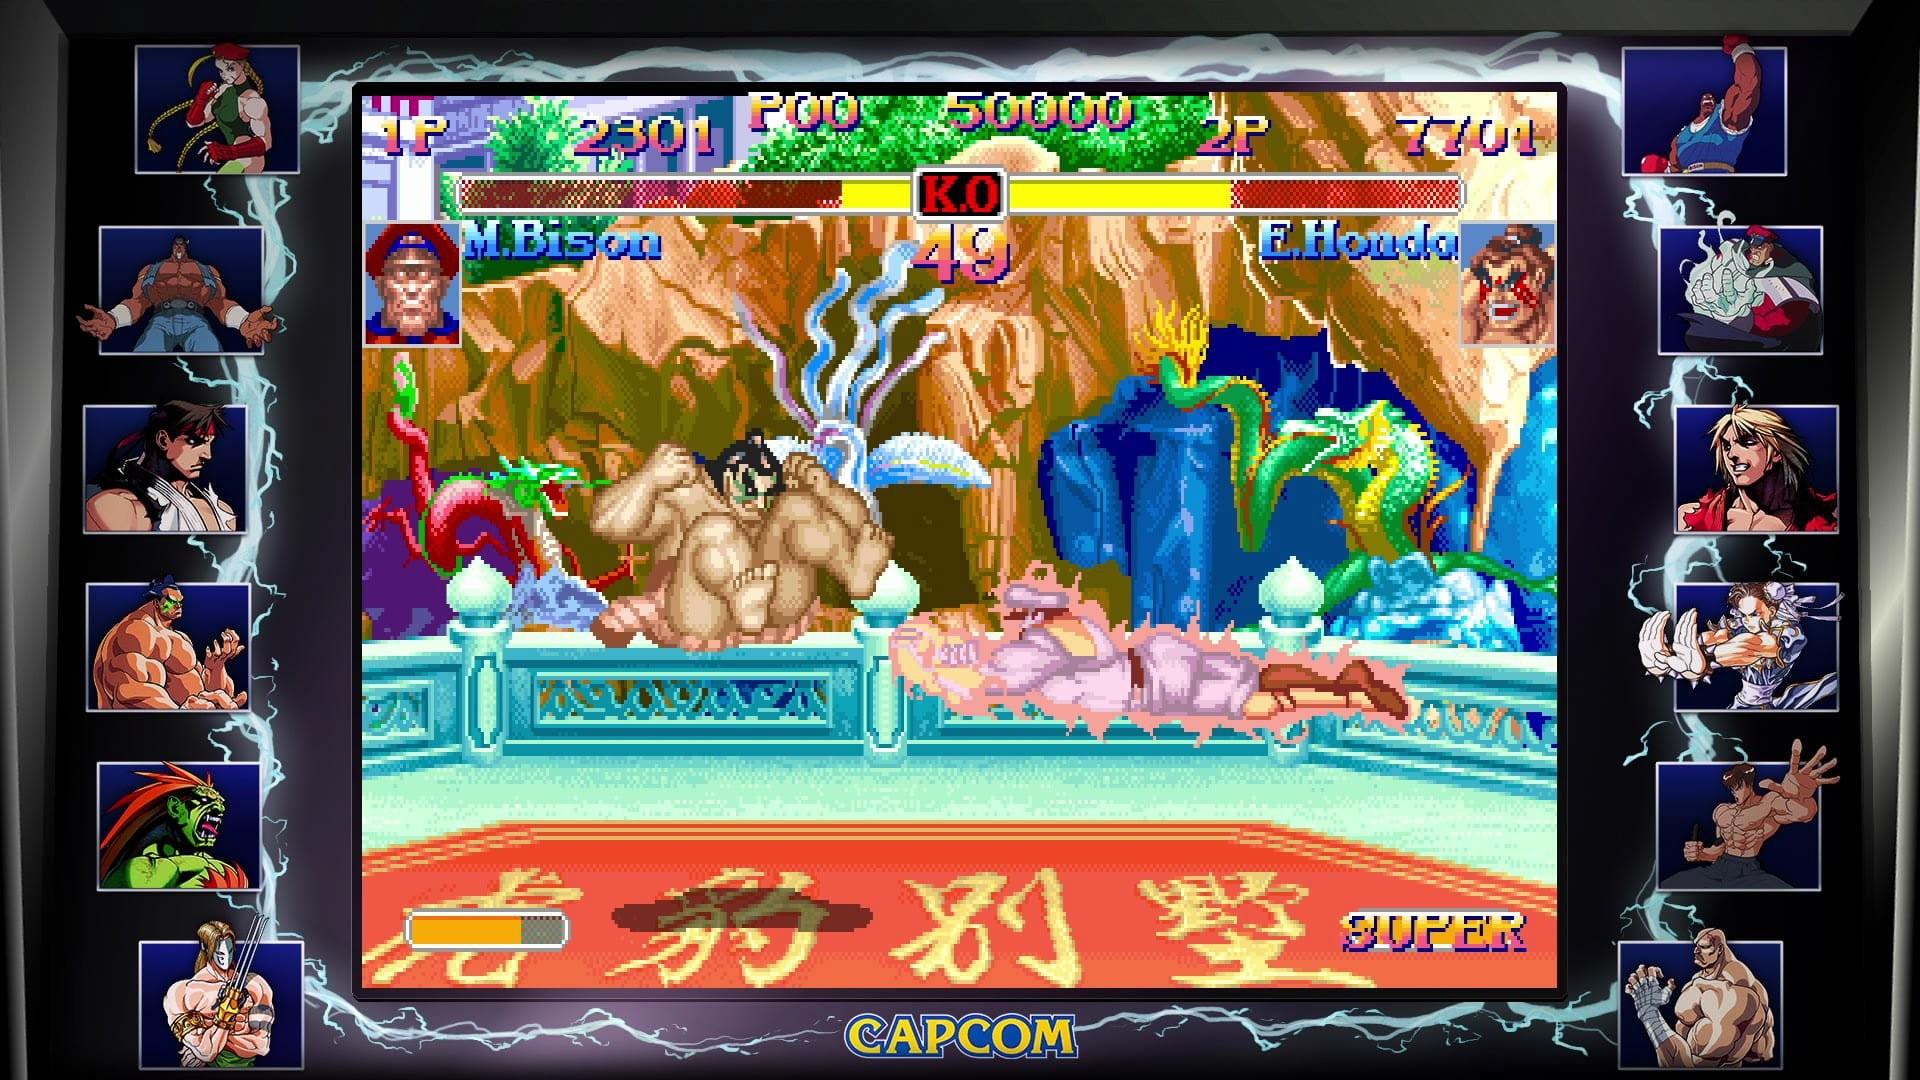 Influencia extrema de los arcades en los juegos actuales